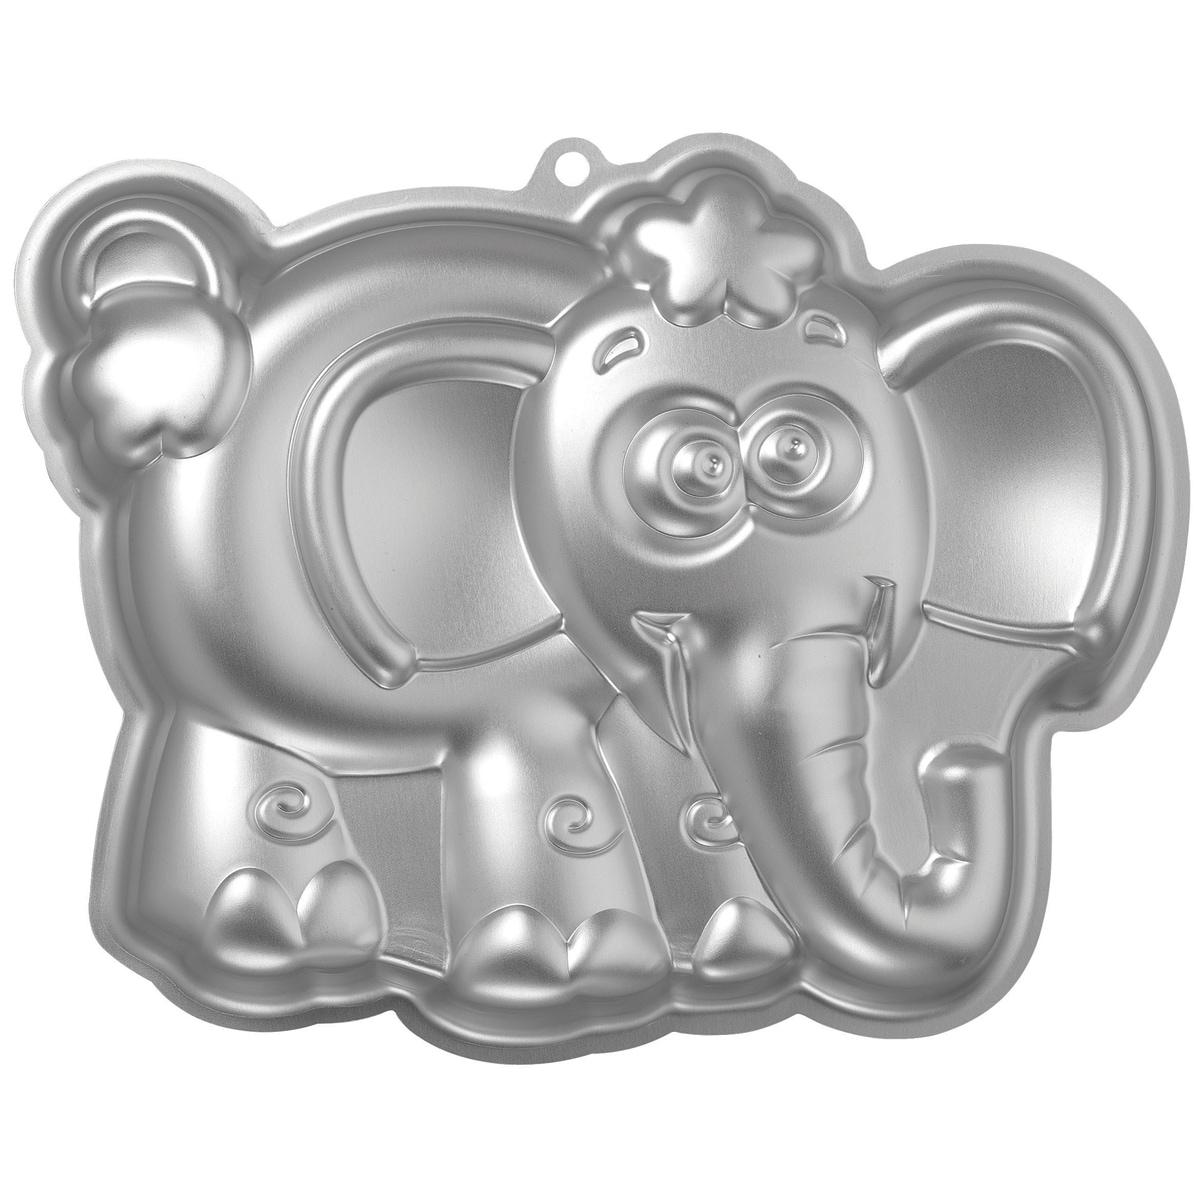 'Elephant' Novelty Cake Pan